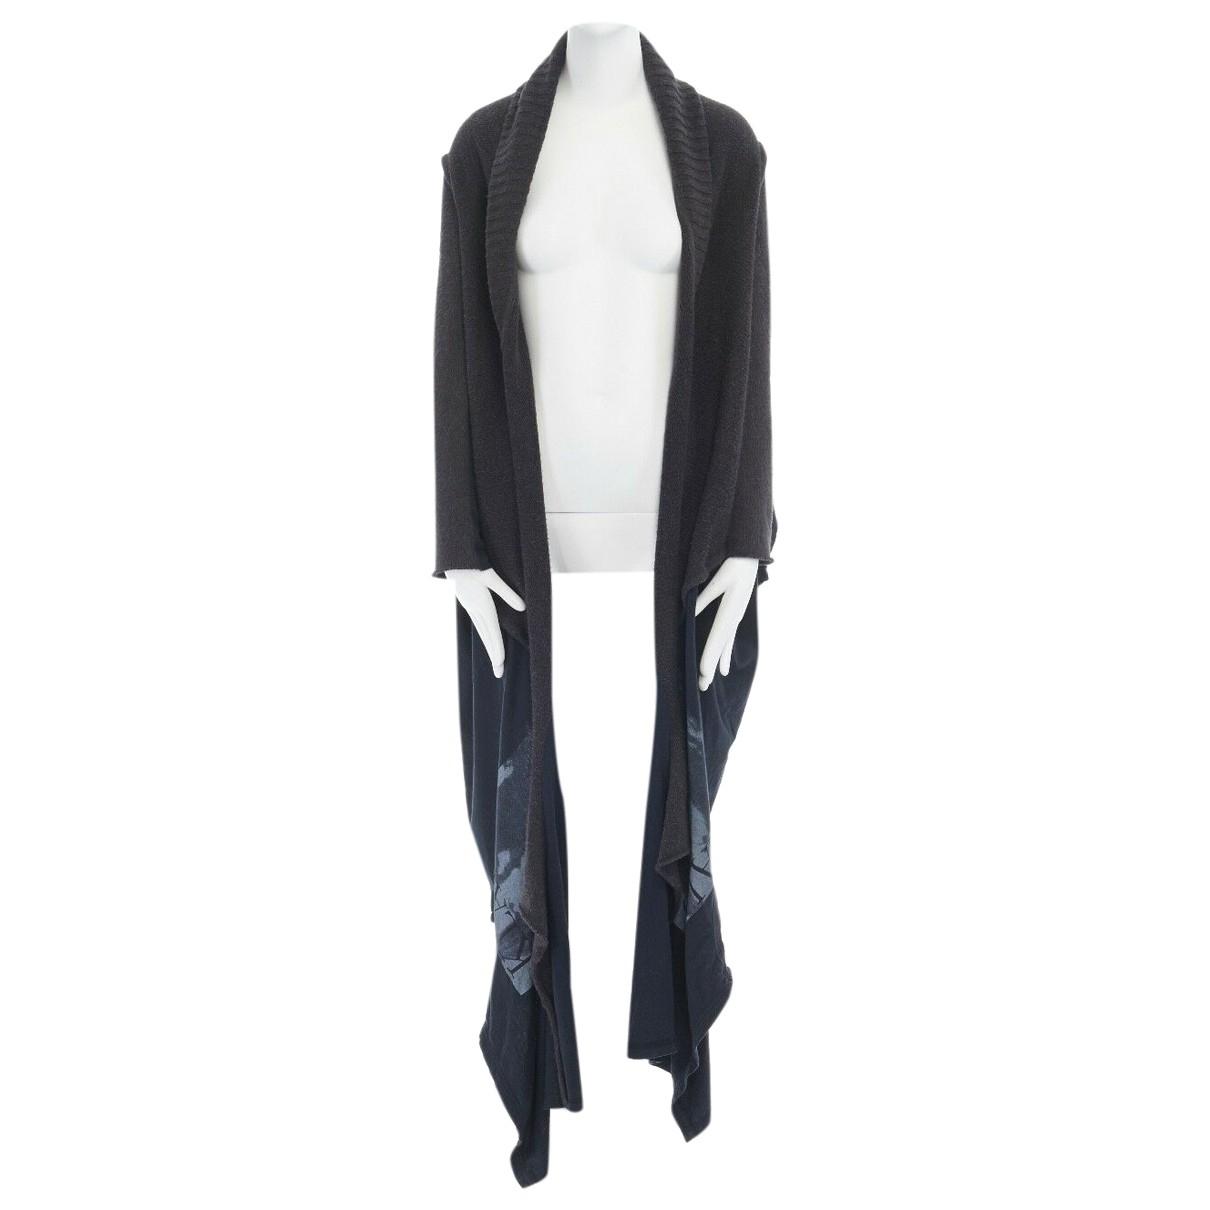 Undercover - Veste   pour femme en laine - noir